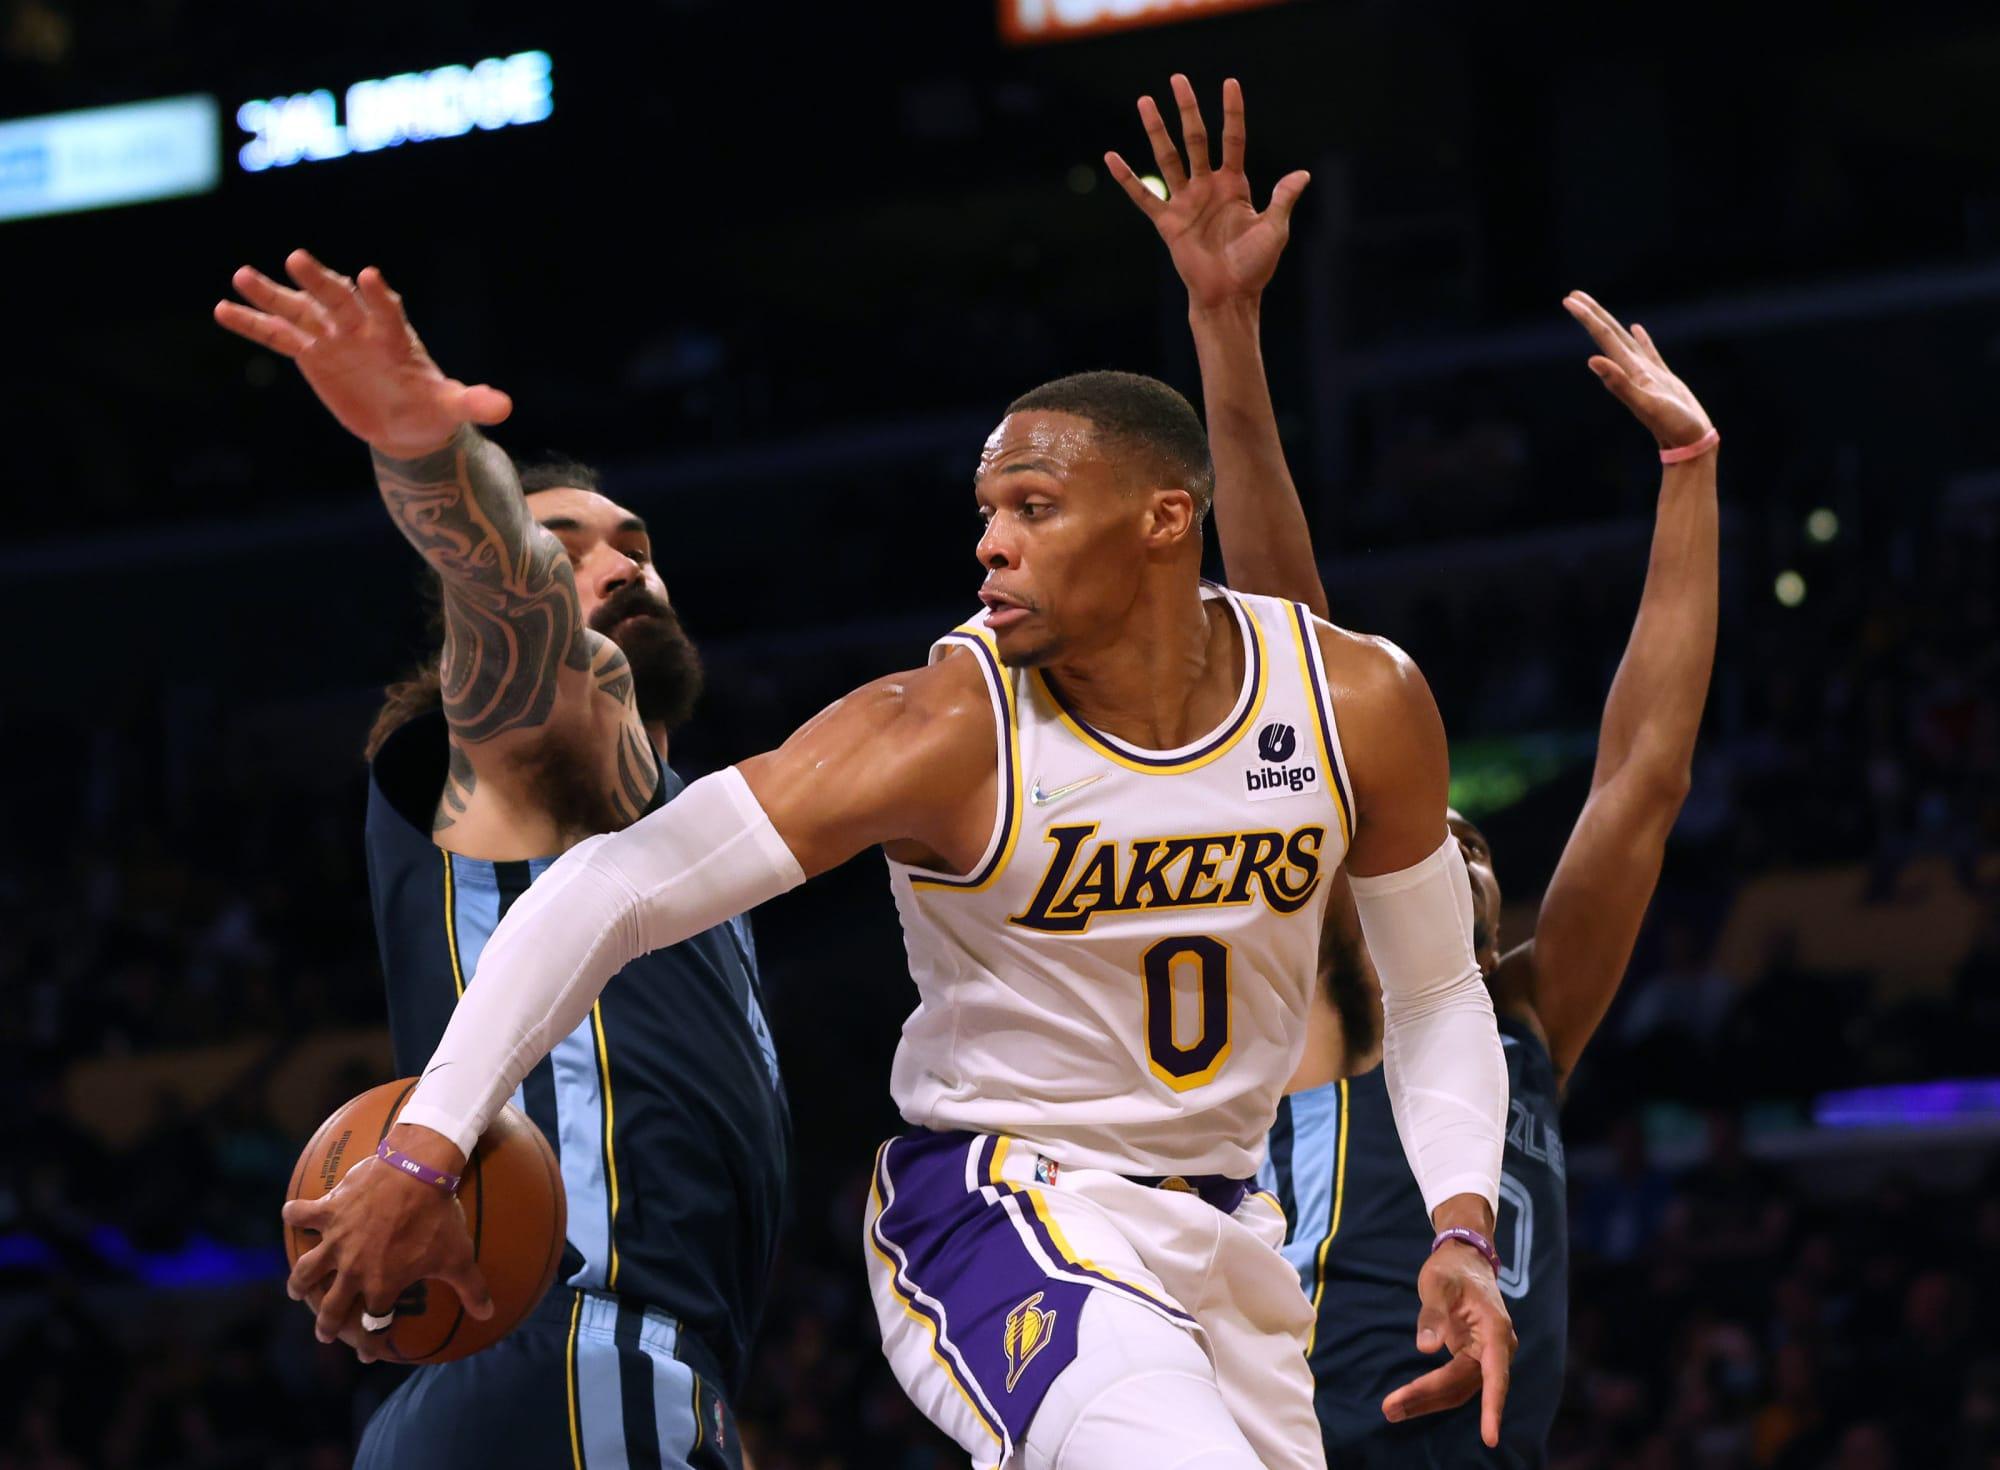 Los Angeles Lakers: Panic or patience regarding Russell Westbrook?